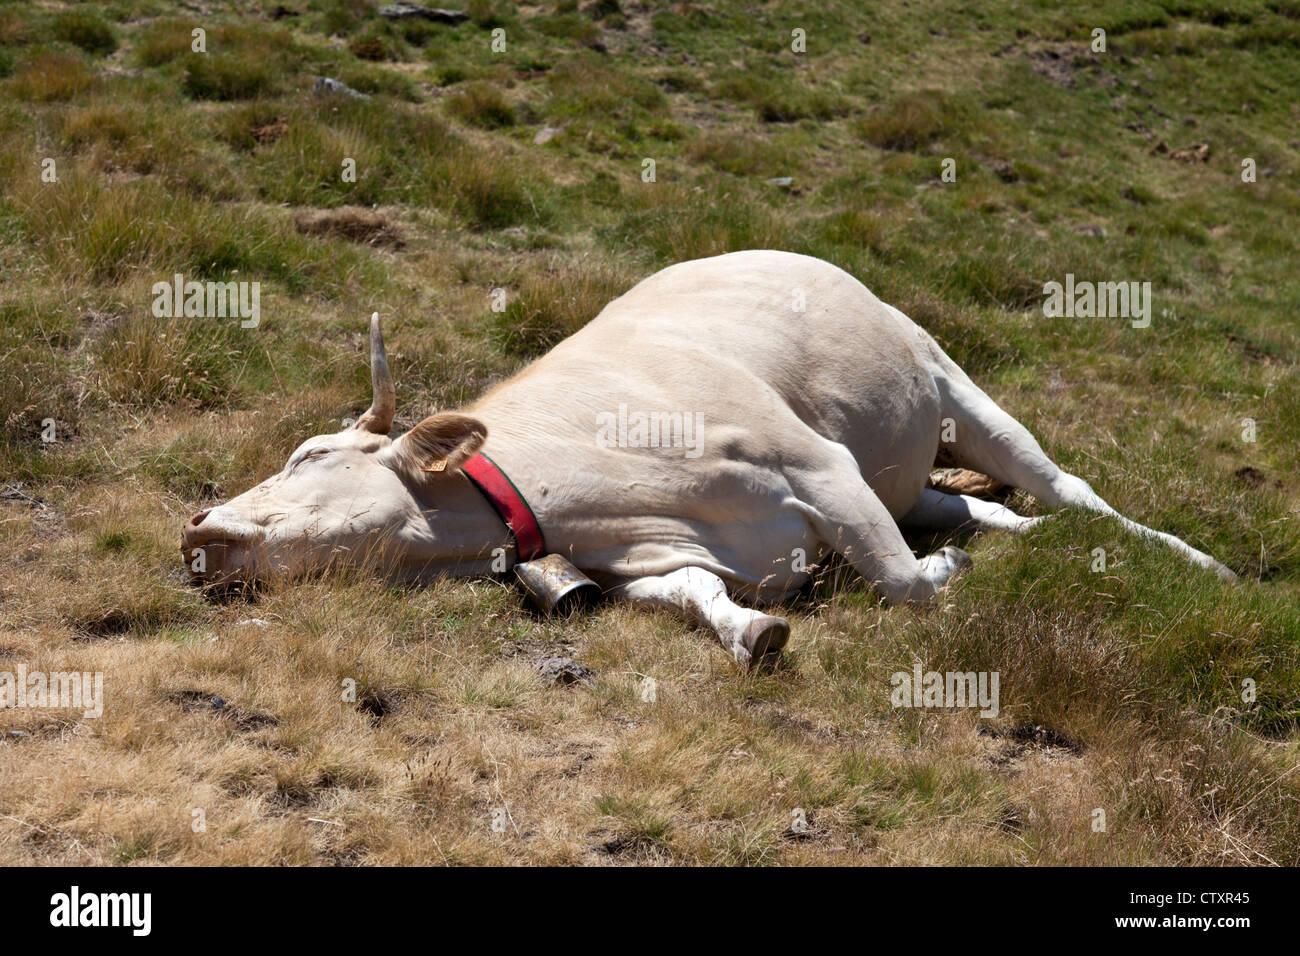 Una rubia d'Aquitaine vaca descansando en una completa posición relajada (Pirineo occidental - Francia). Imagen De Stock